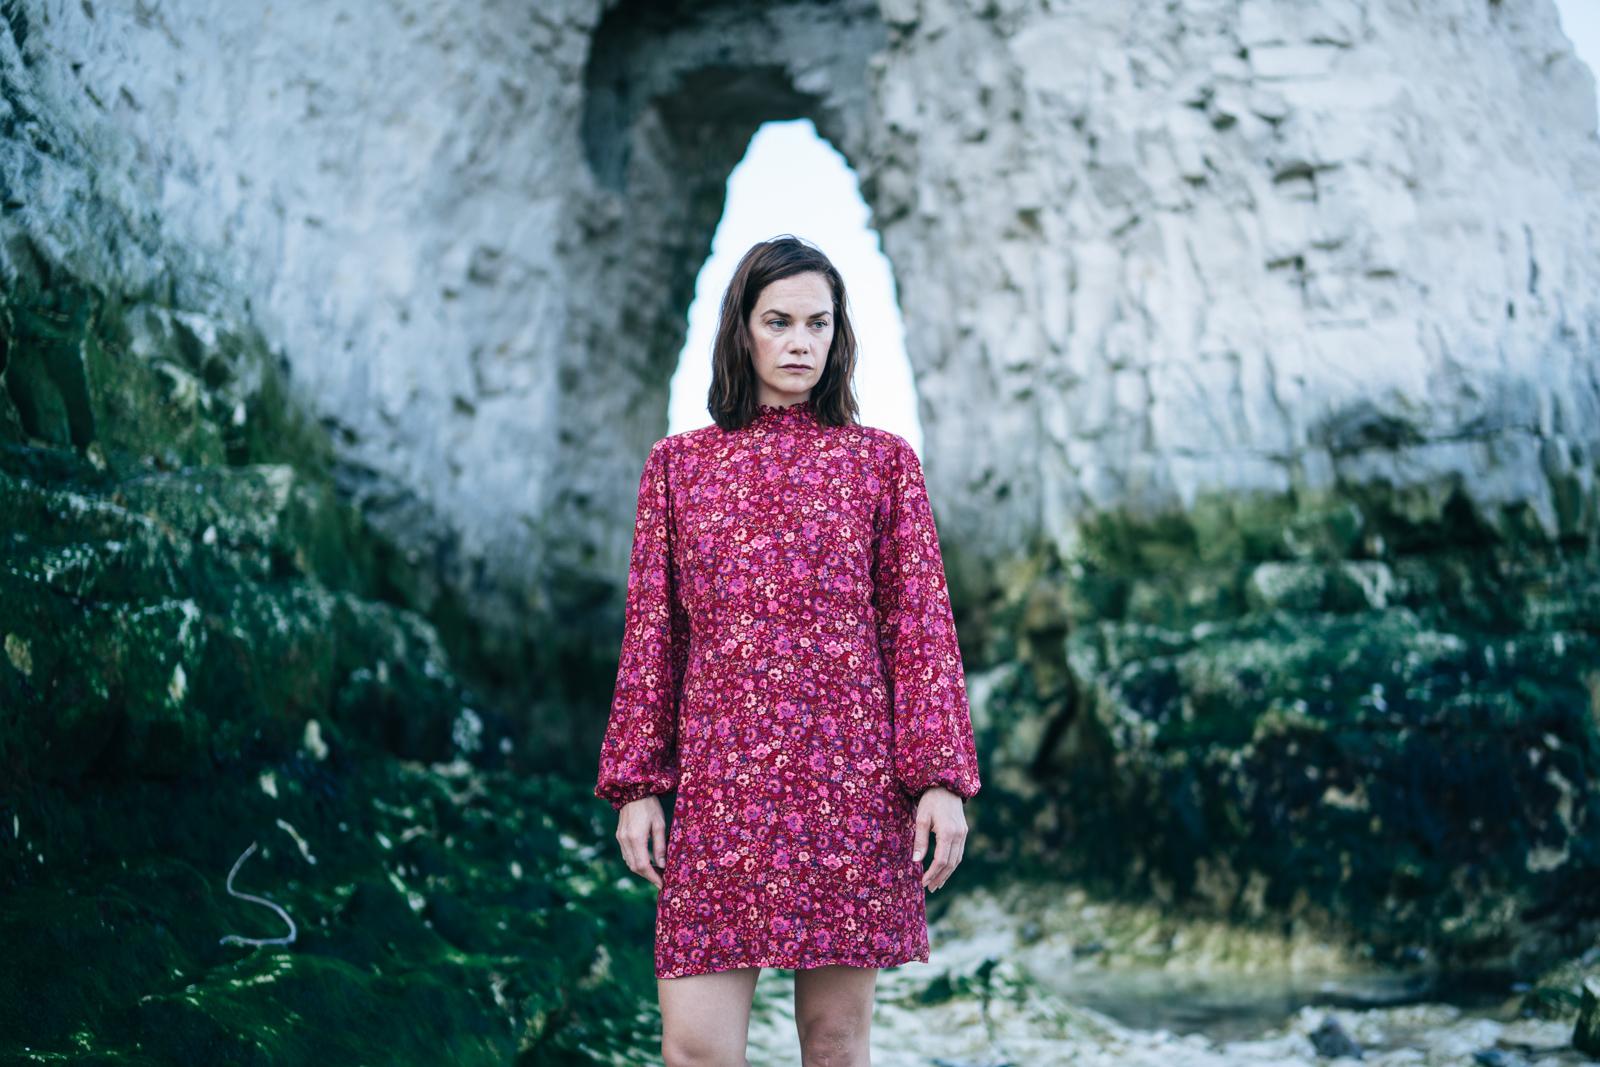 Cena do filme Coisas Verdadeiras, mostra uma mulher adulta branca de vestido vermelho em pé de dia. Ao seu redor, vemos moitas e um muro de pedra cinza.